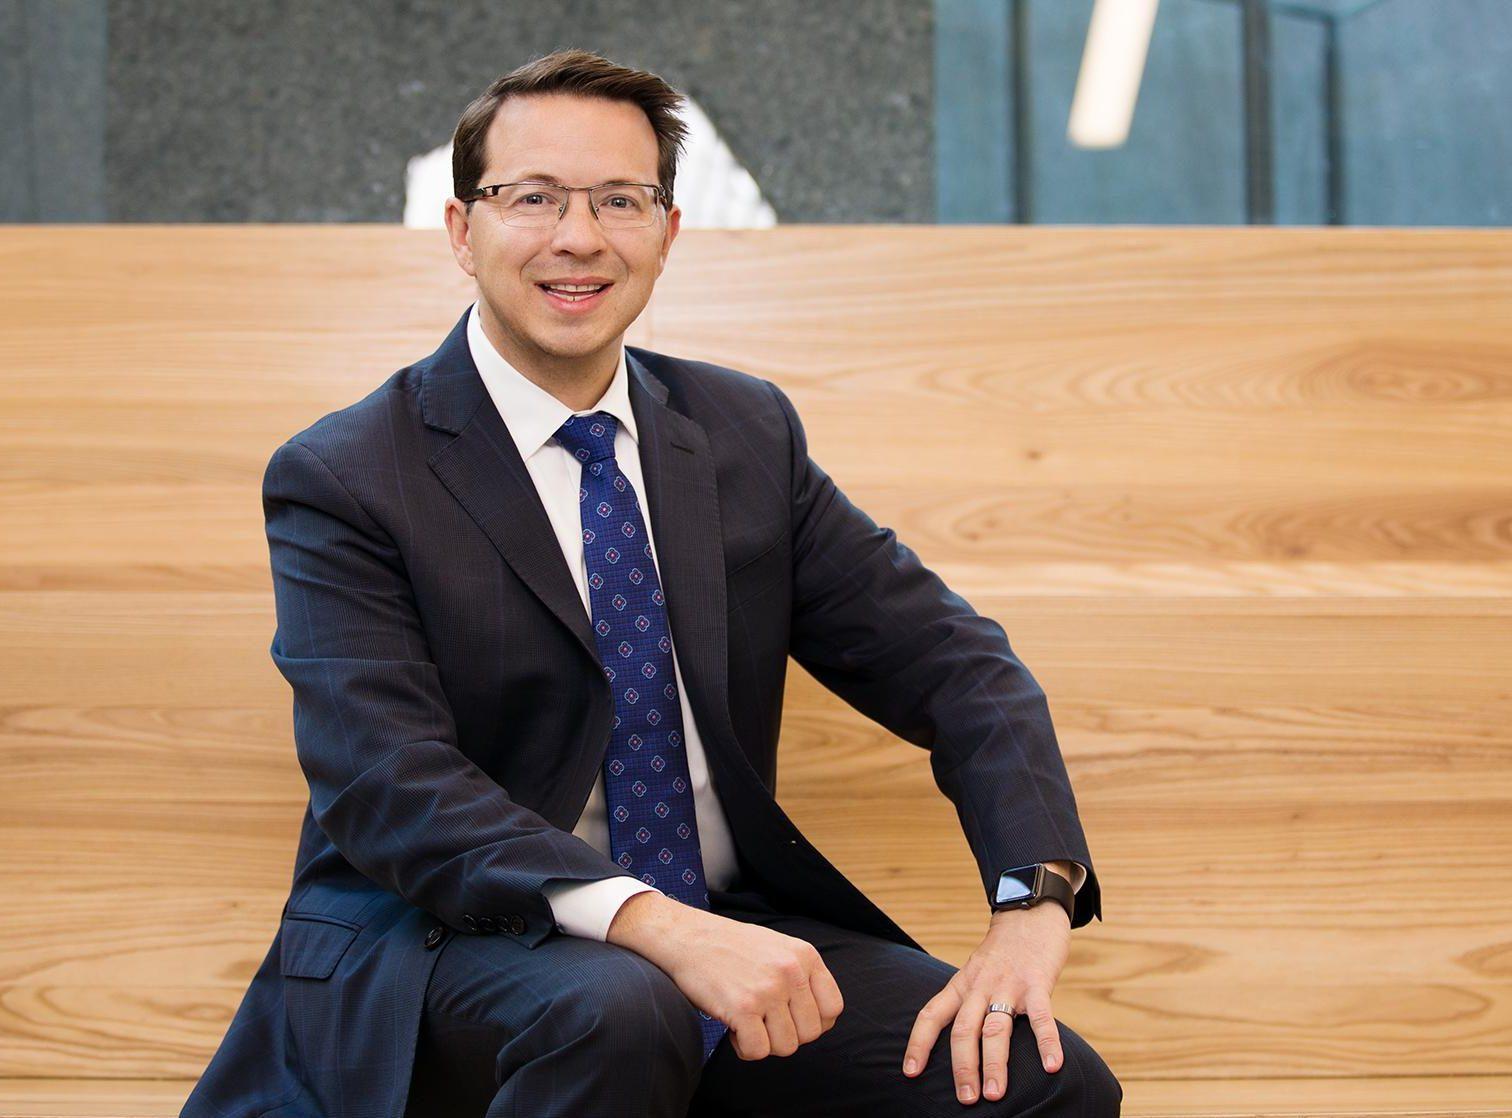 Daniel de Munnik, directeur, Activité économique réelle, Analyses de l'économie canadienne